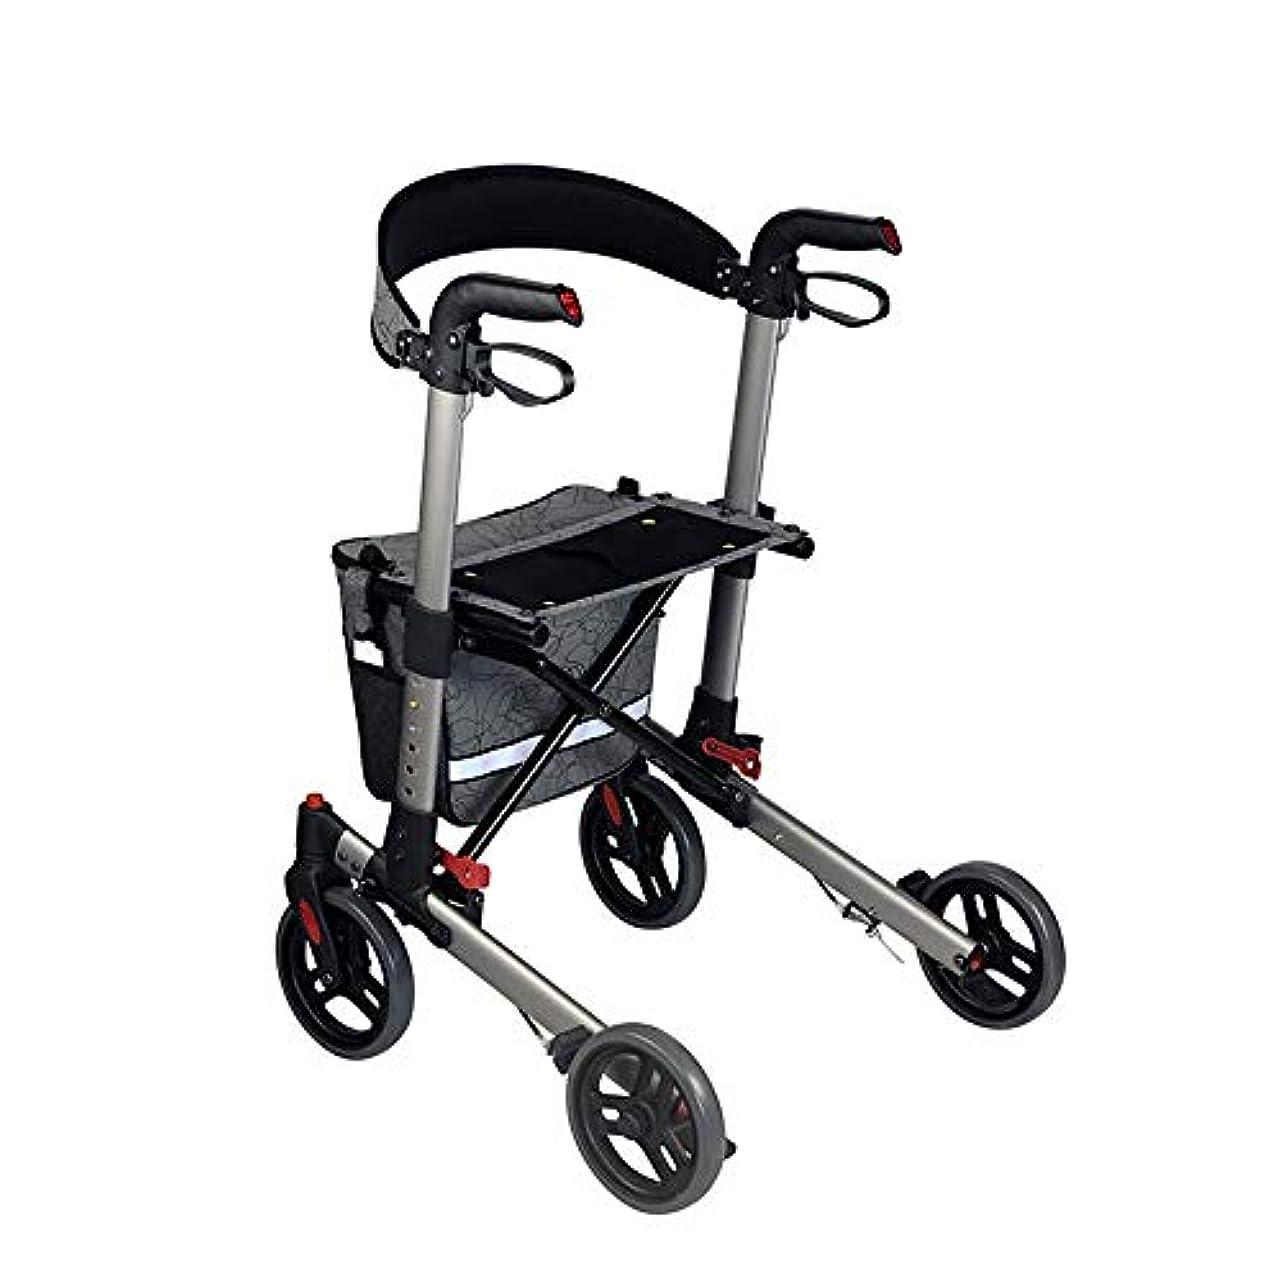 欠伸対話タービン軽量折りたたみ式4輪歩行歩行器、老人歩行カートショッピングカート多機能レジャー折りたたみショッピングカート